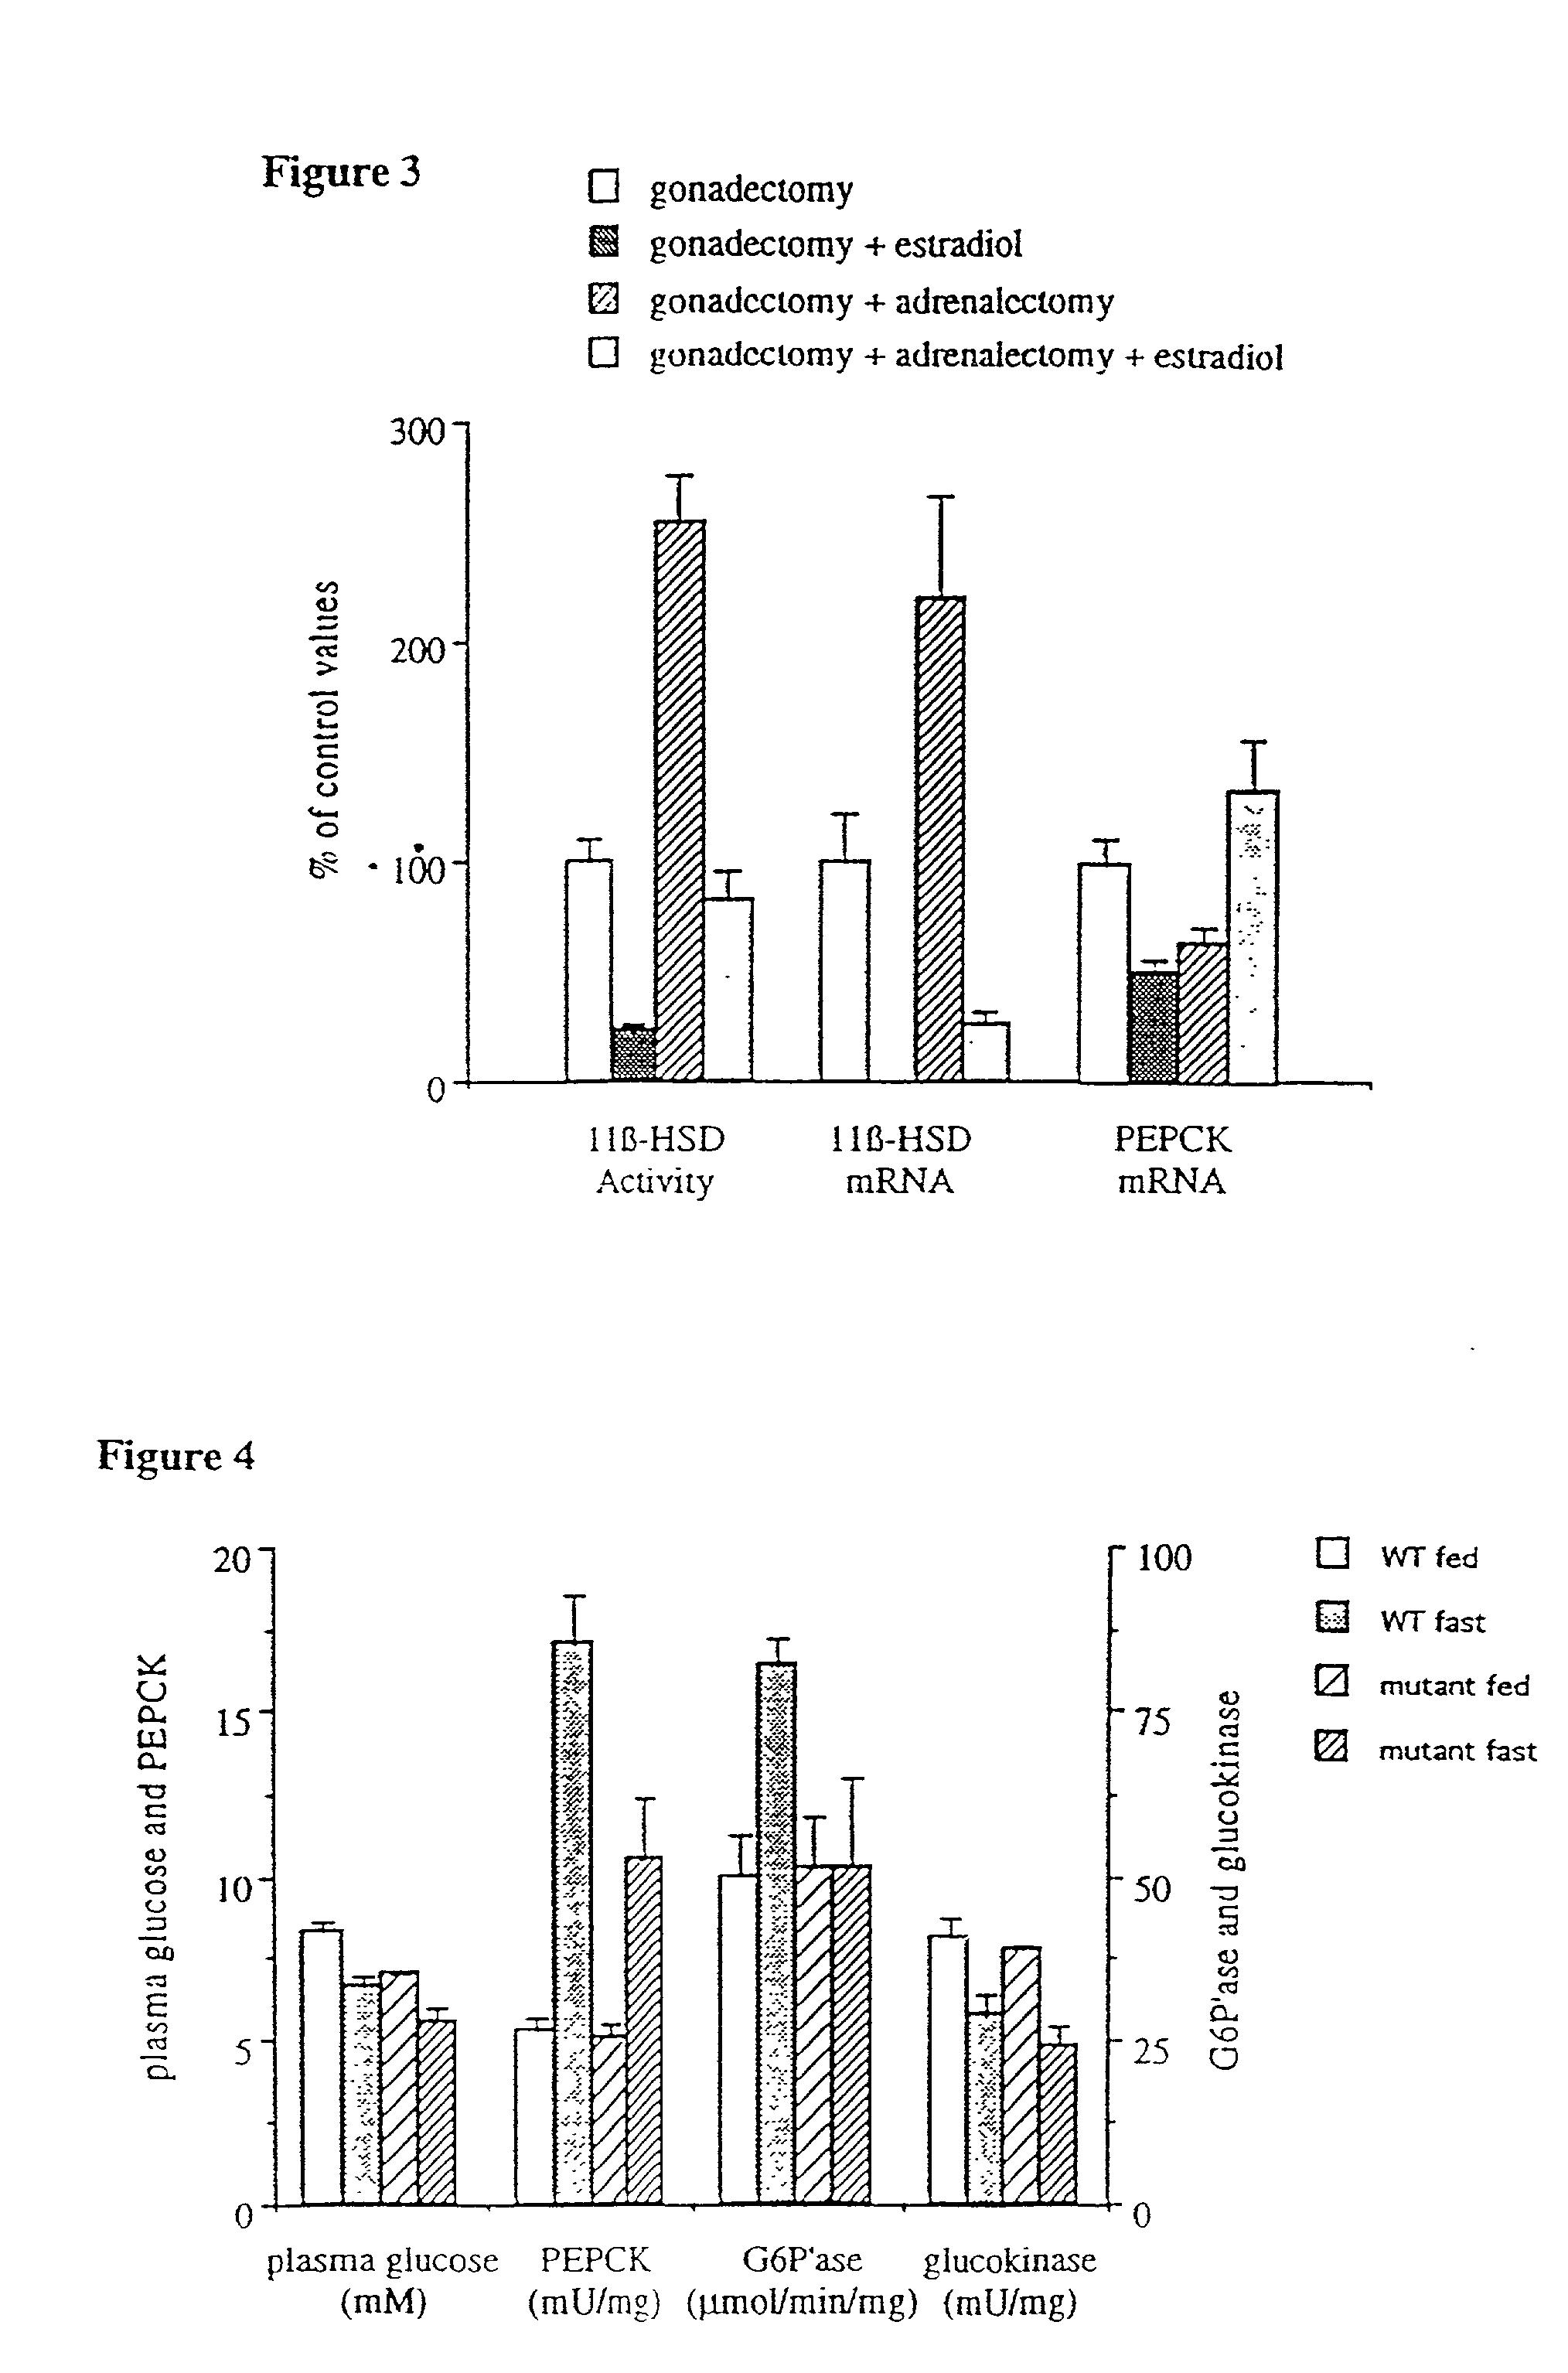 11b hydroxysteroid dehydrogenase type 2